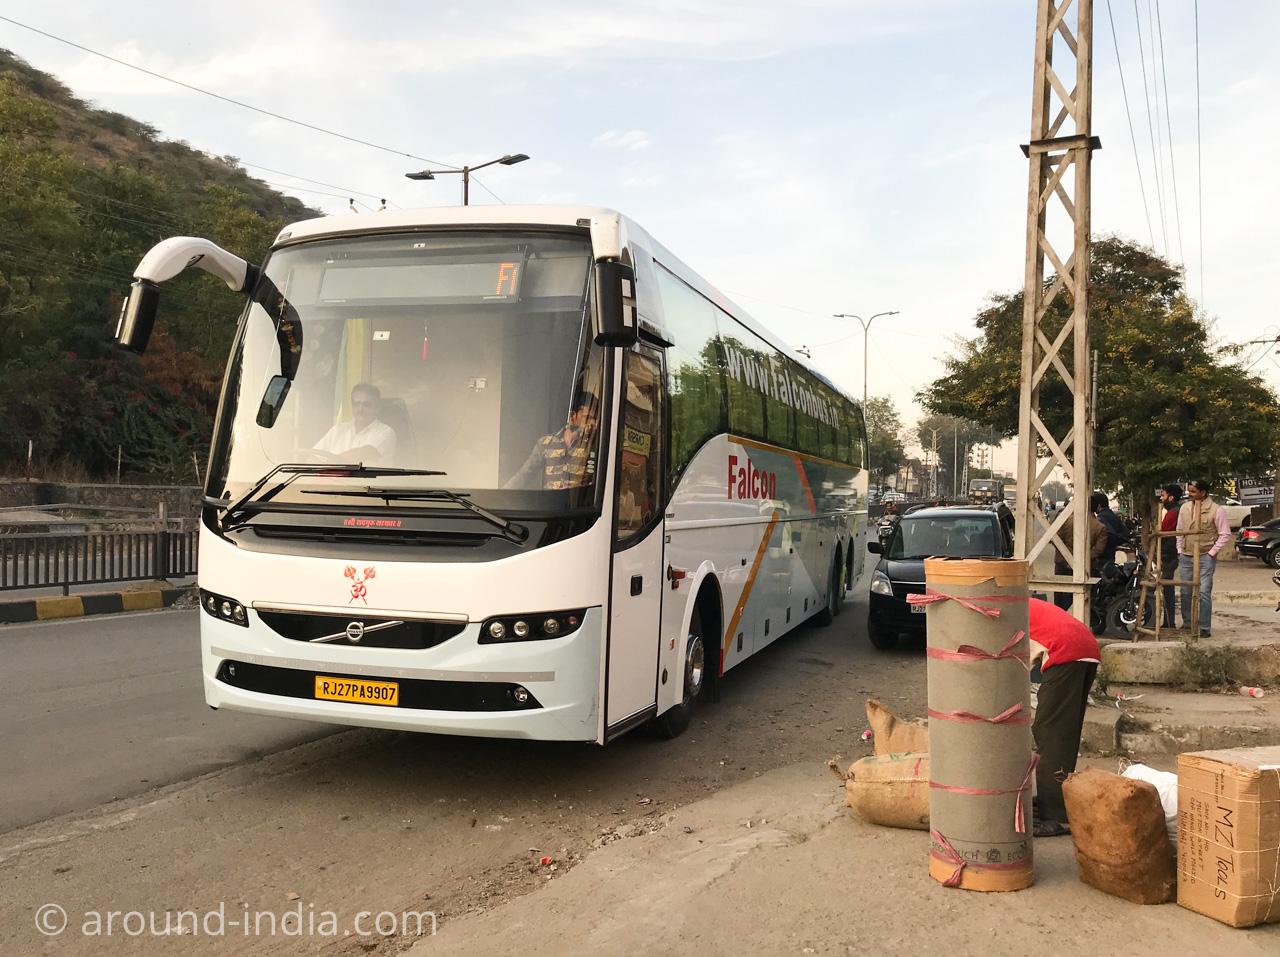 インドの長距離バス停留所と大量の荷物を積む人